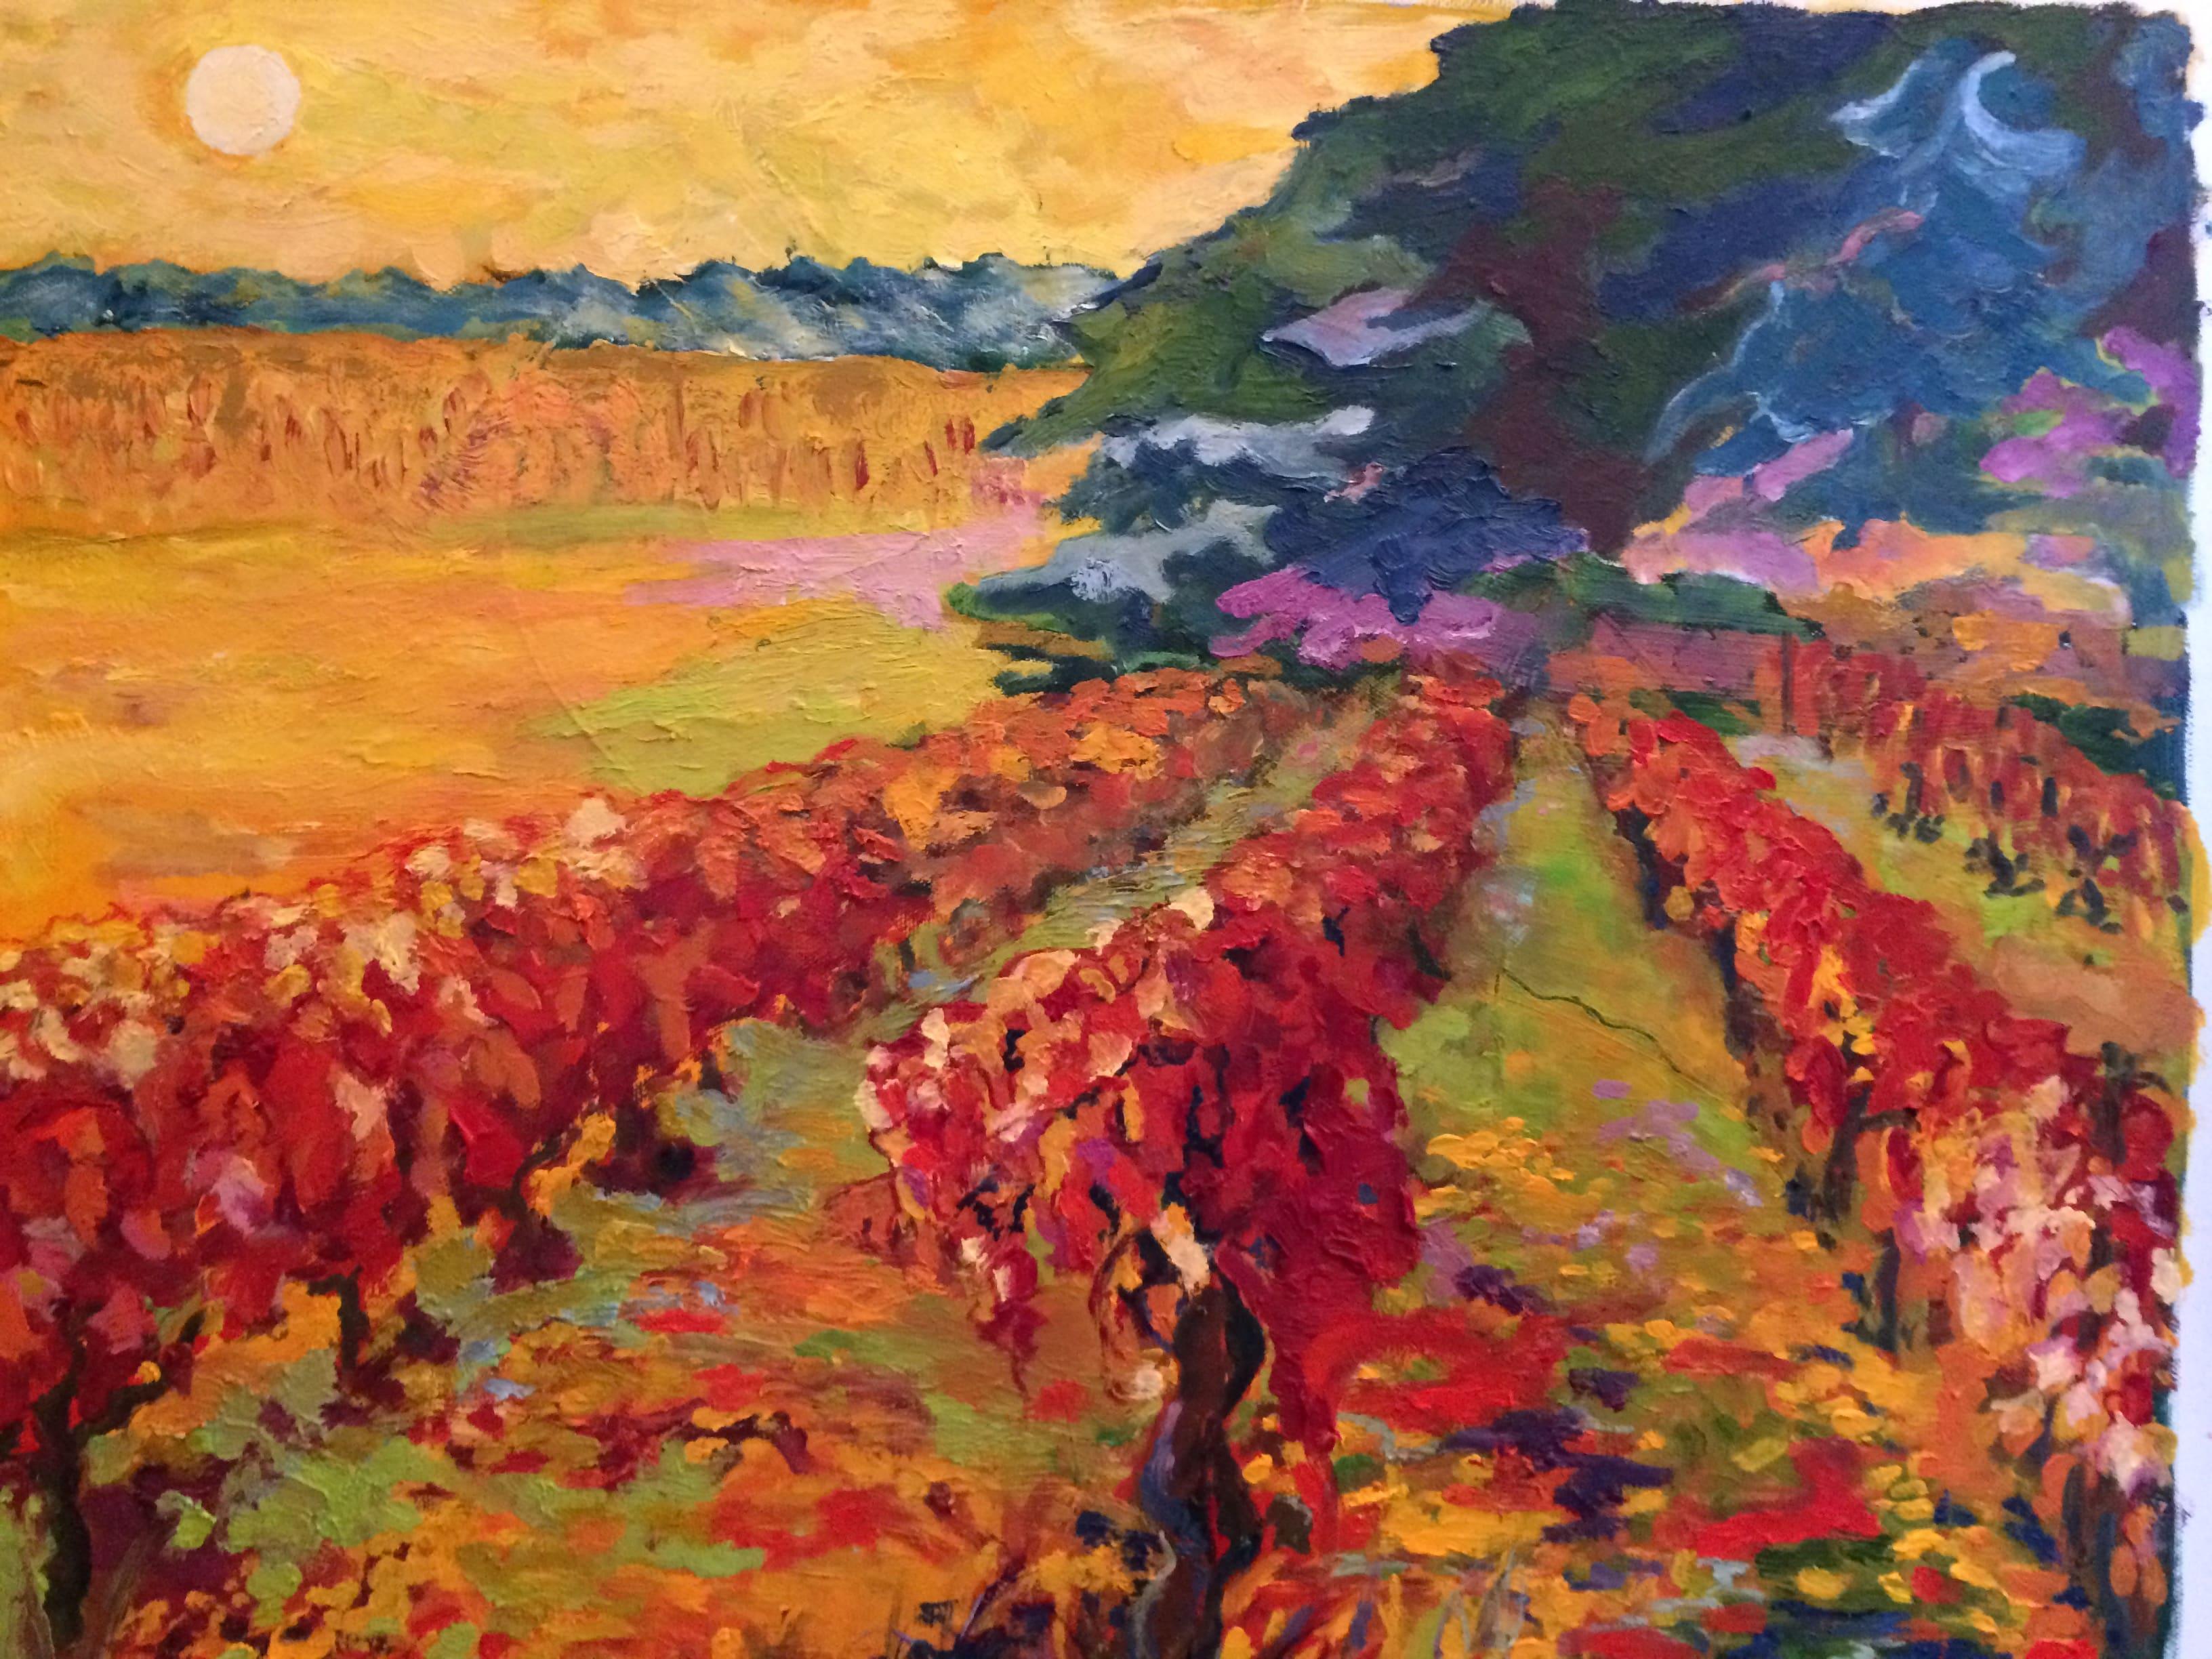 Hôtes et artistes en poitou - Vigne rouge à Huismes, huile sur toile. Bienvenue aux Buis, une charmante gentilhommière du XVIIe siècle, située dans la vallée de l'Auxance, entre le centre de Poitiers et le Futuroscope ; entre la capitale mondiale de l'Art Roman et l'un des premiers parcs d'attraction de France. A vos pinceaux ! Armelle de Ségogne, artiste peintre et professeur de peinture, vous invite à partager sa passion à l'occasion d'échanges artistiques, ou de stages de peinture à thèmes. L'Atelier Raphaël est ouvert à tous toute l'année pour des cours de dessin et peinture.